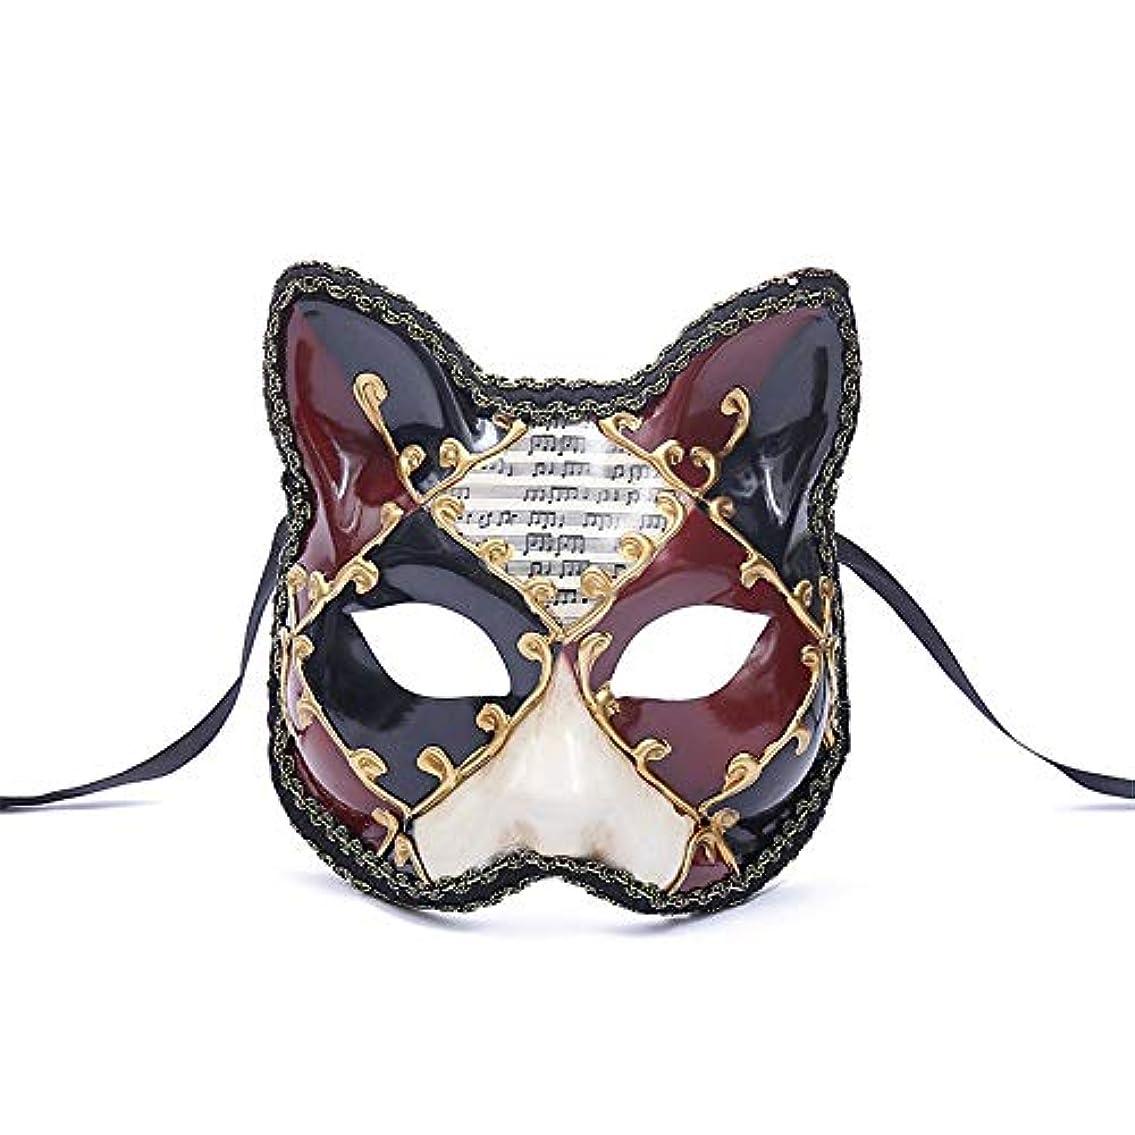 教養がある好きである輝くダンスマスク 大きな猫アンティーク動物レトロコスプレハロウィーン仮装マスクナイトクラブマスク雰囲気フェスティバルマスク ホリデーパーティー用品 (色 : 赤, サイズ : 17.5x16cm)